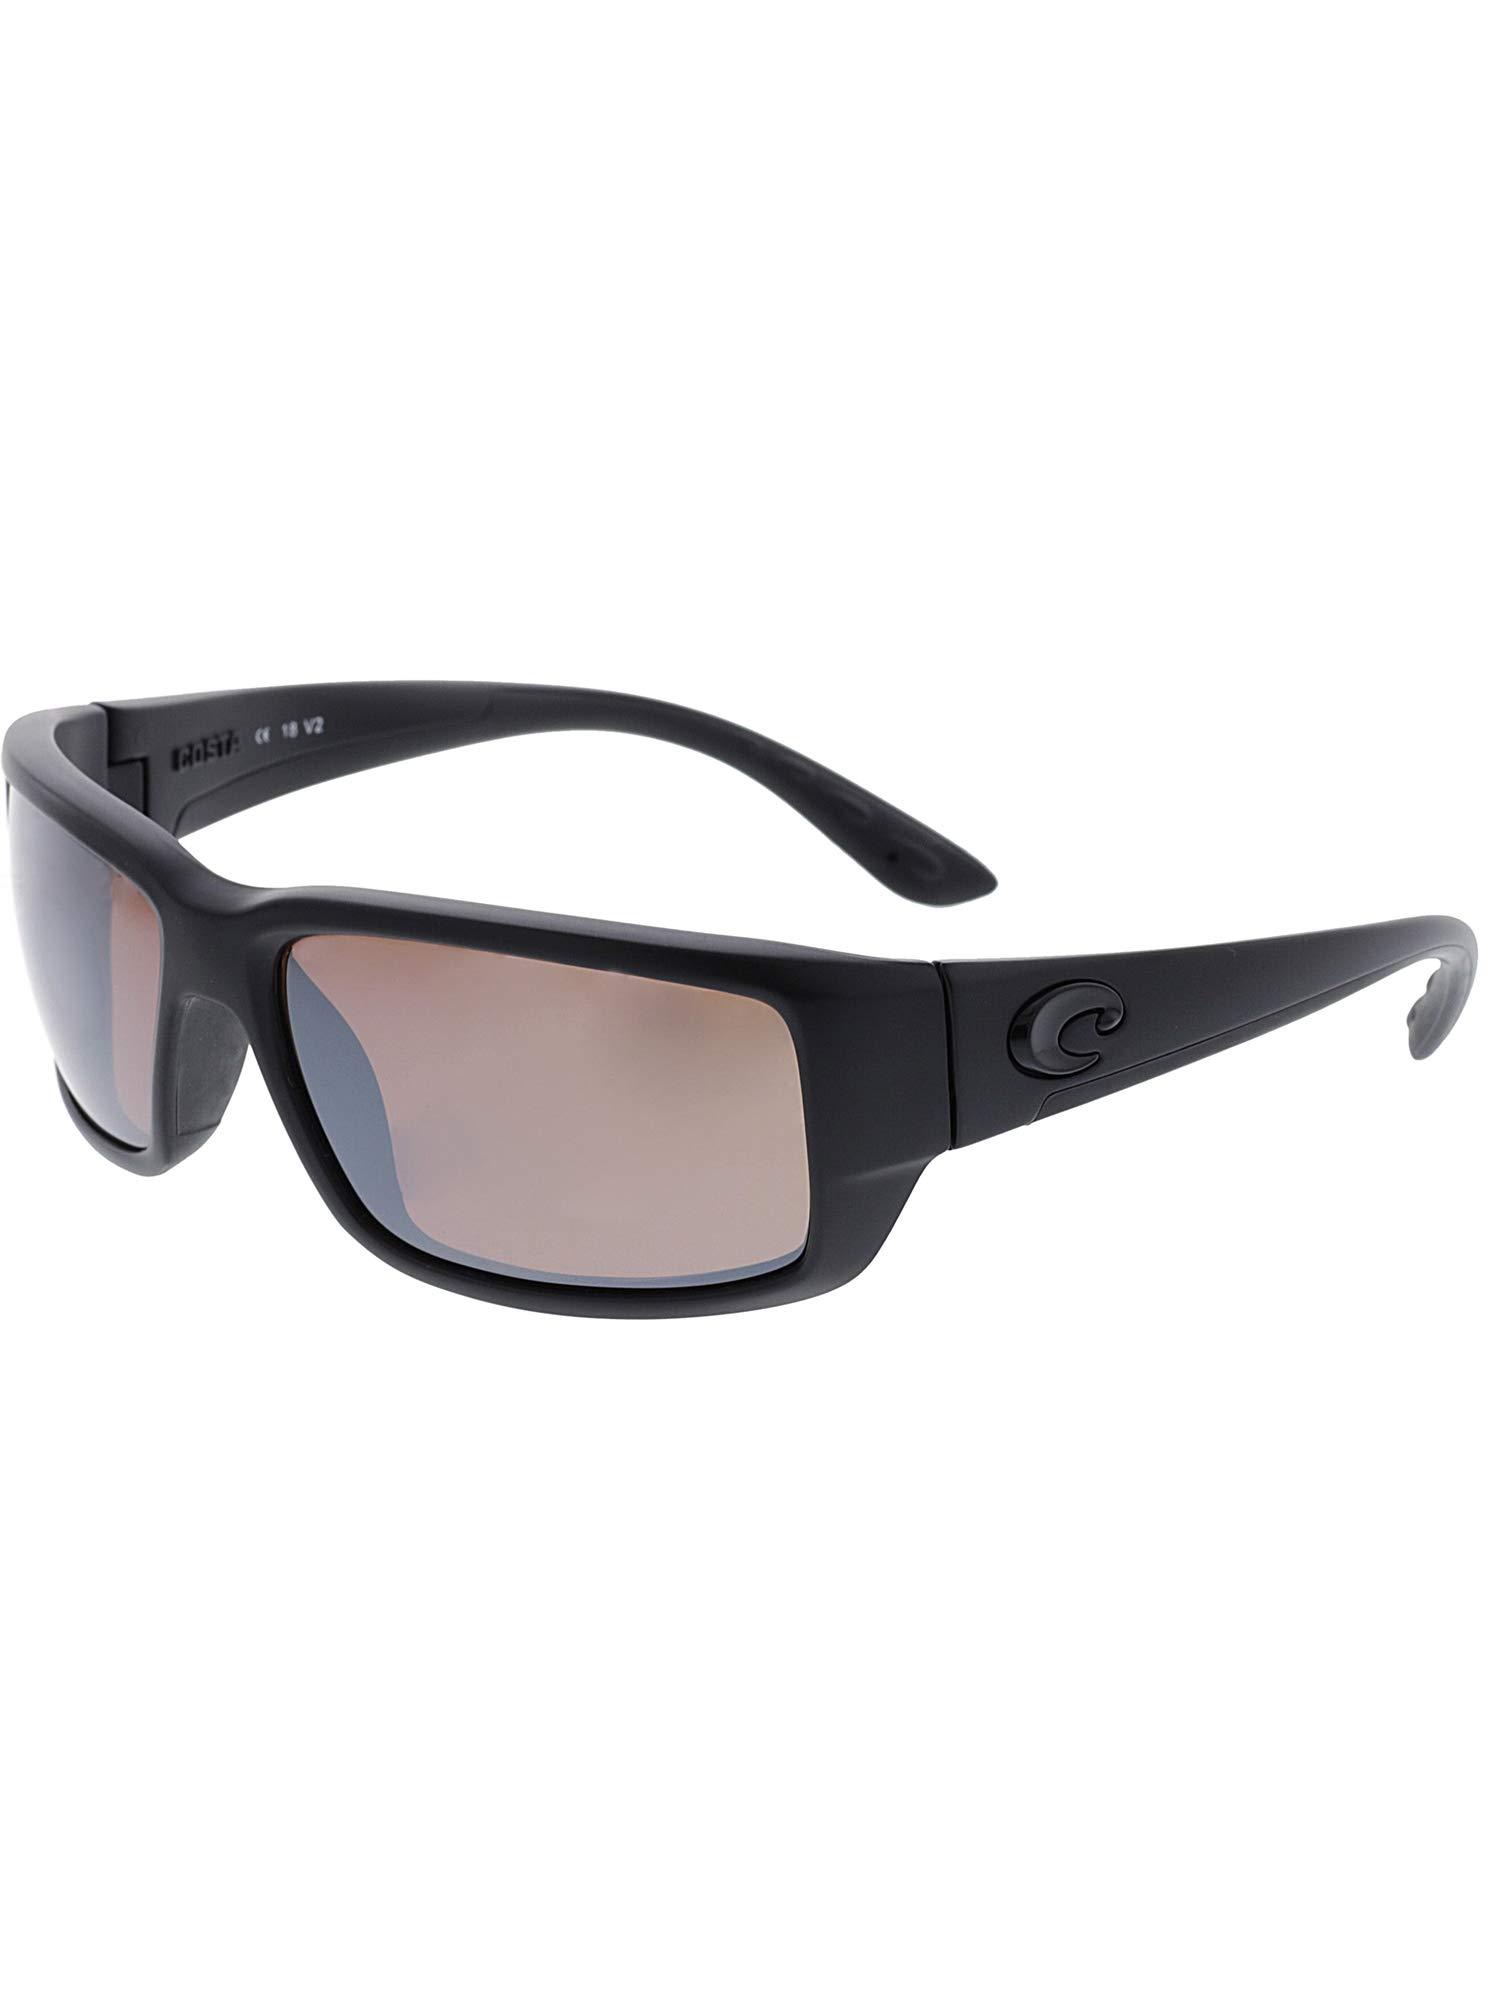 Costa Del Mar Fantail Sunglasses Blackout/Copper Silver Mirror 580Plastic